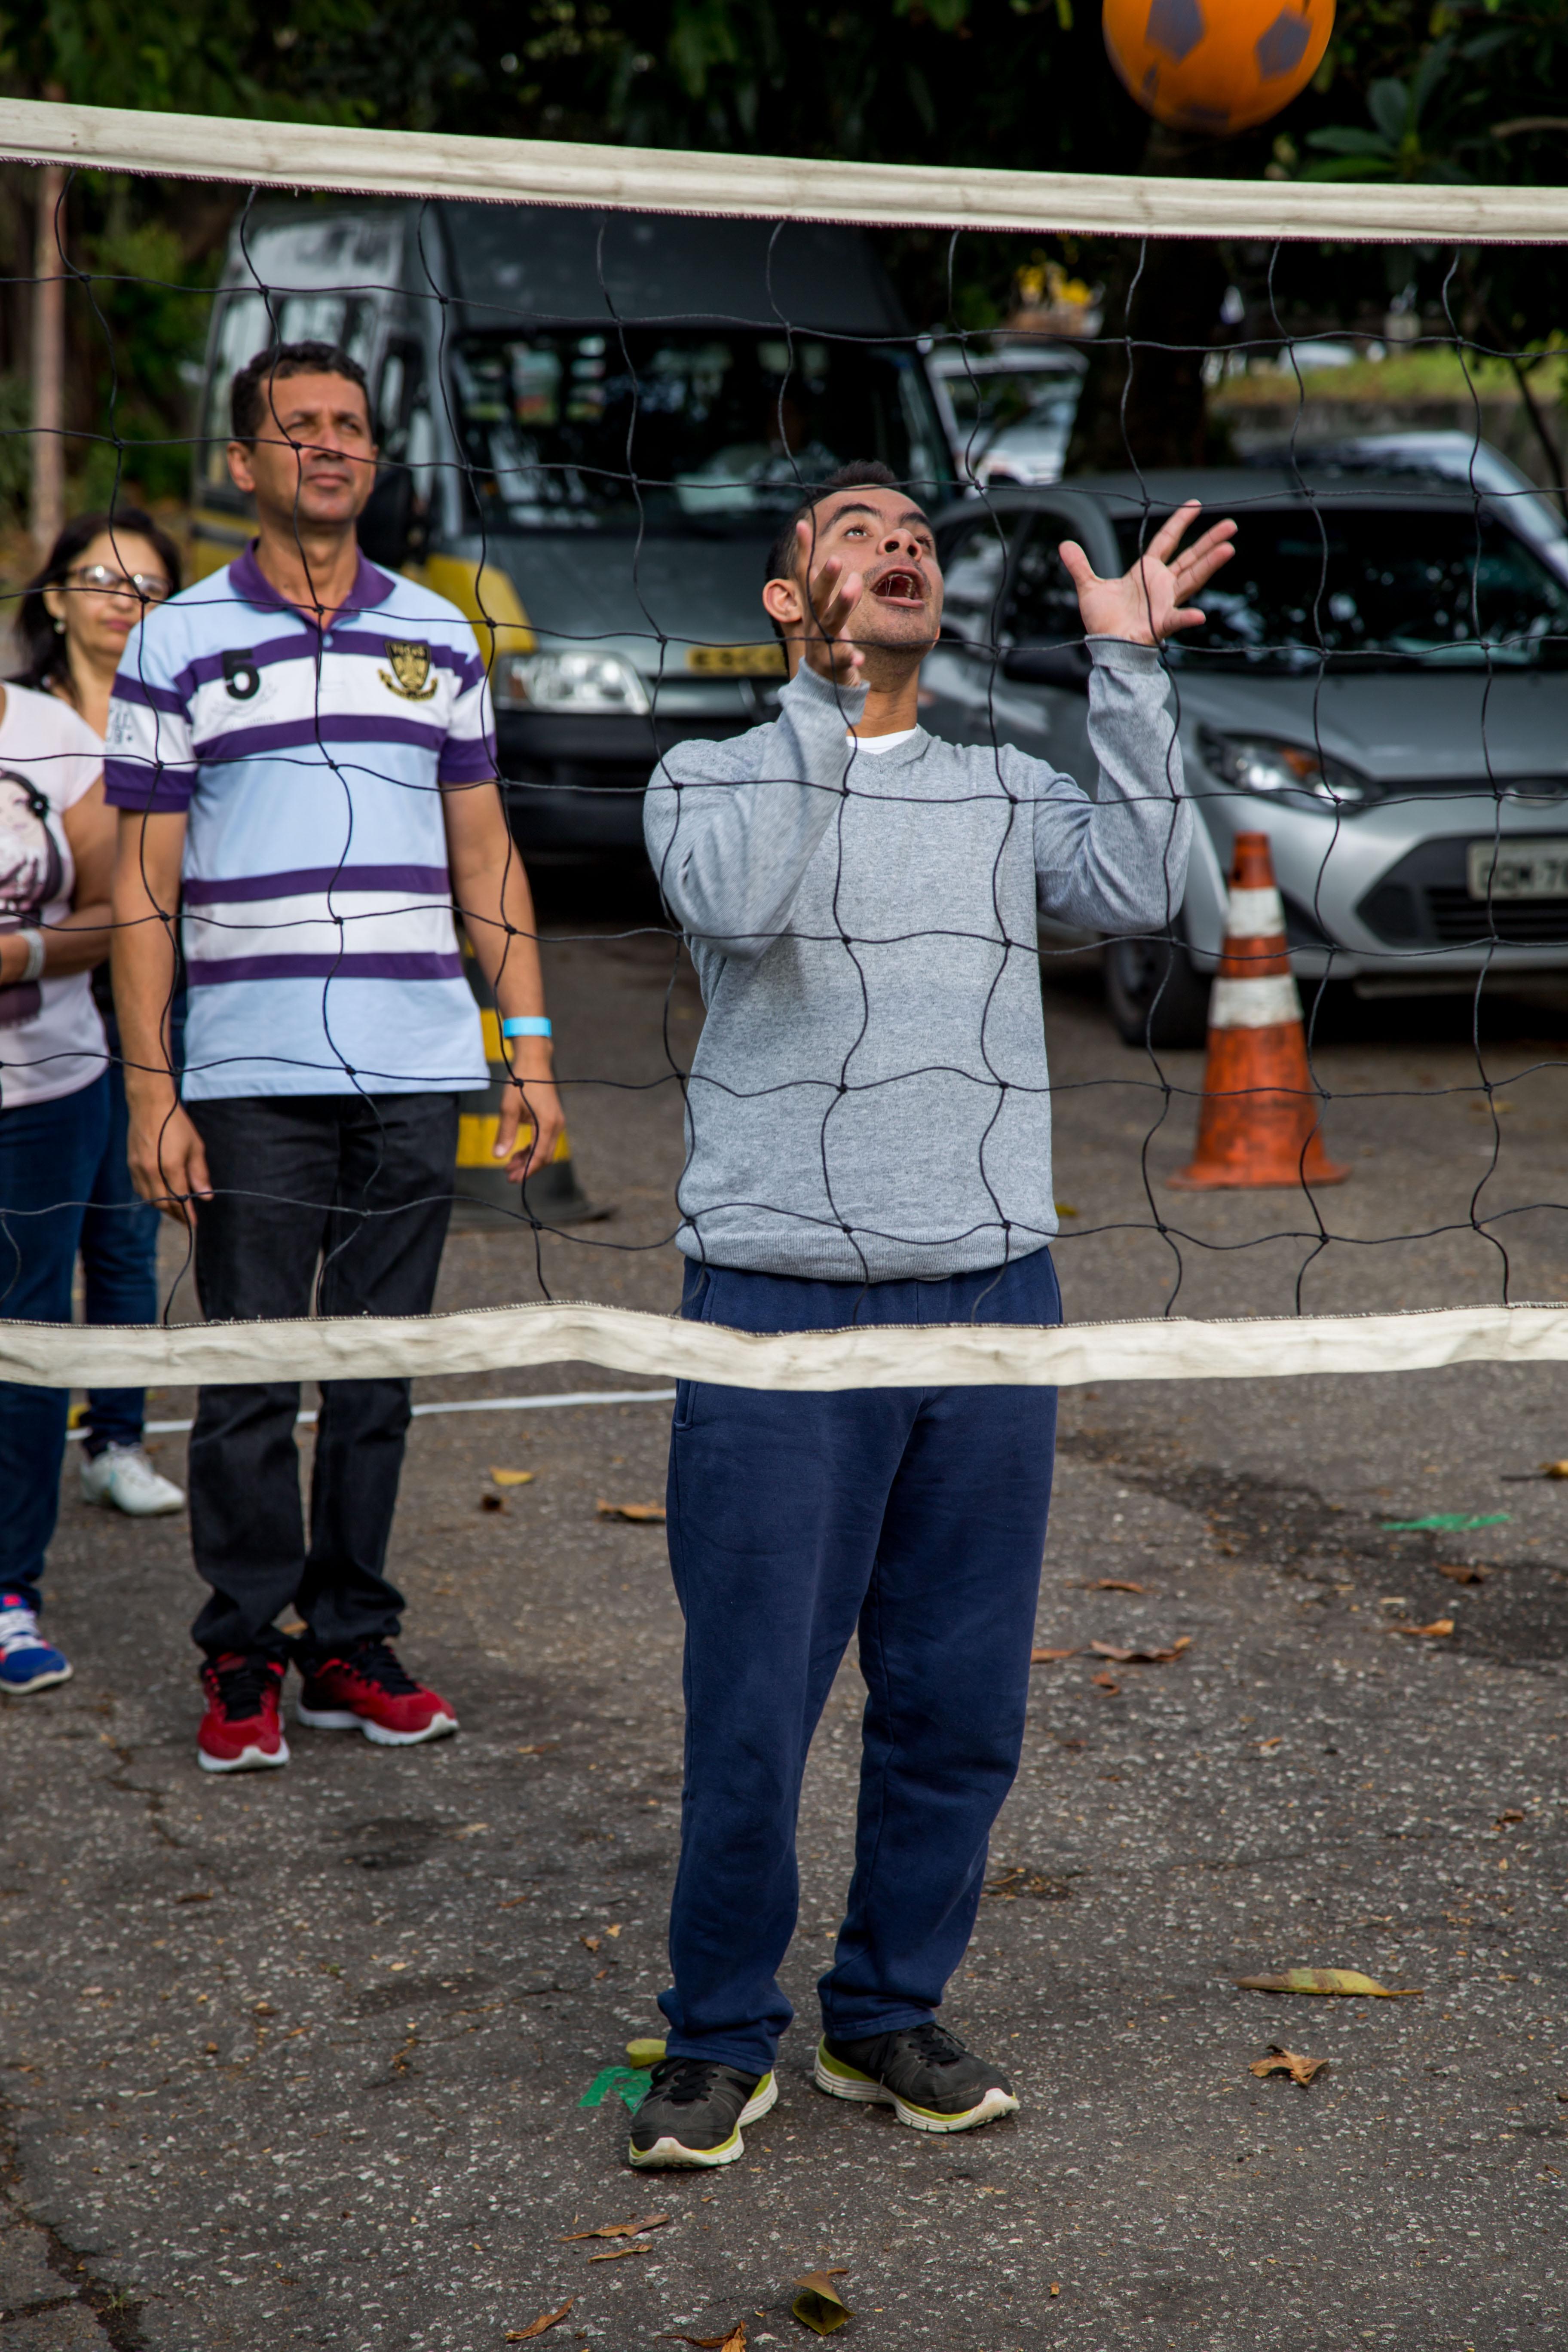 Estudante com deficiência lança bola para cima de rede de vôlei pendurada a uma altura baixa na rua. Ao redor, outros educandos e professores acompanham a atividade.